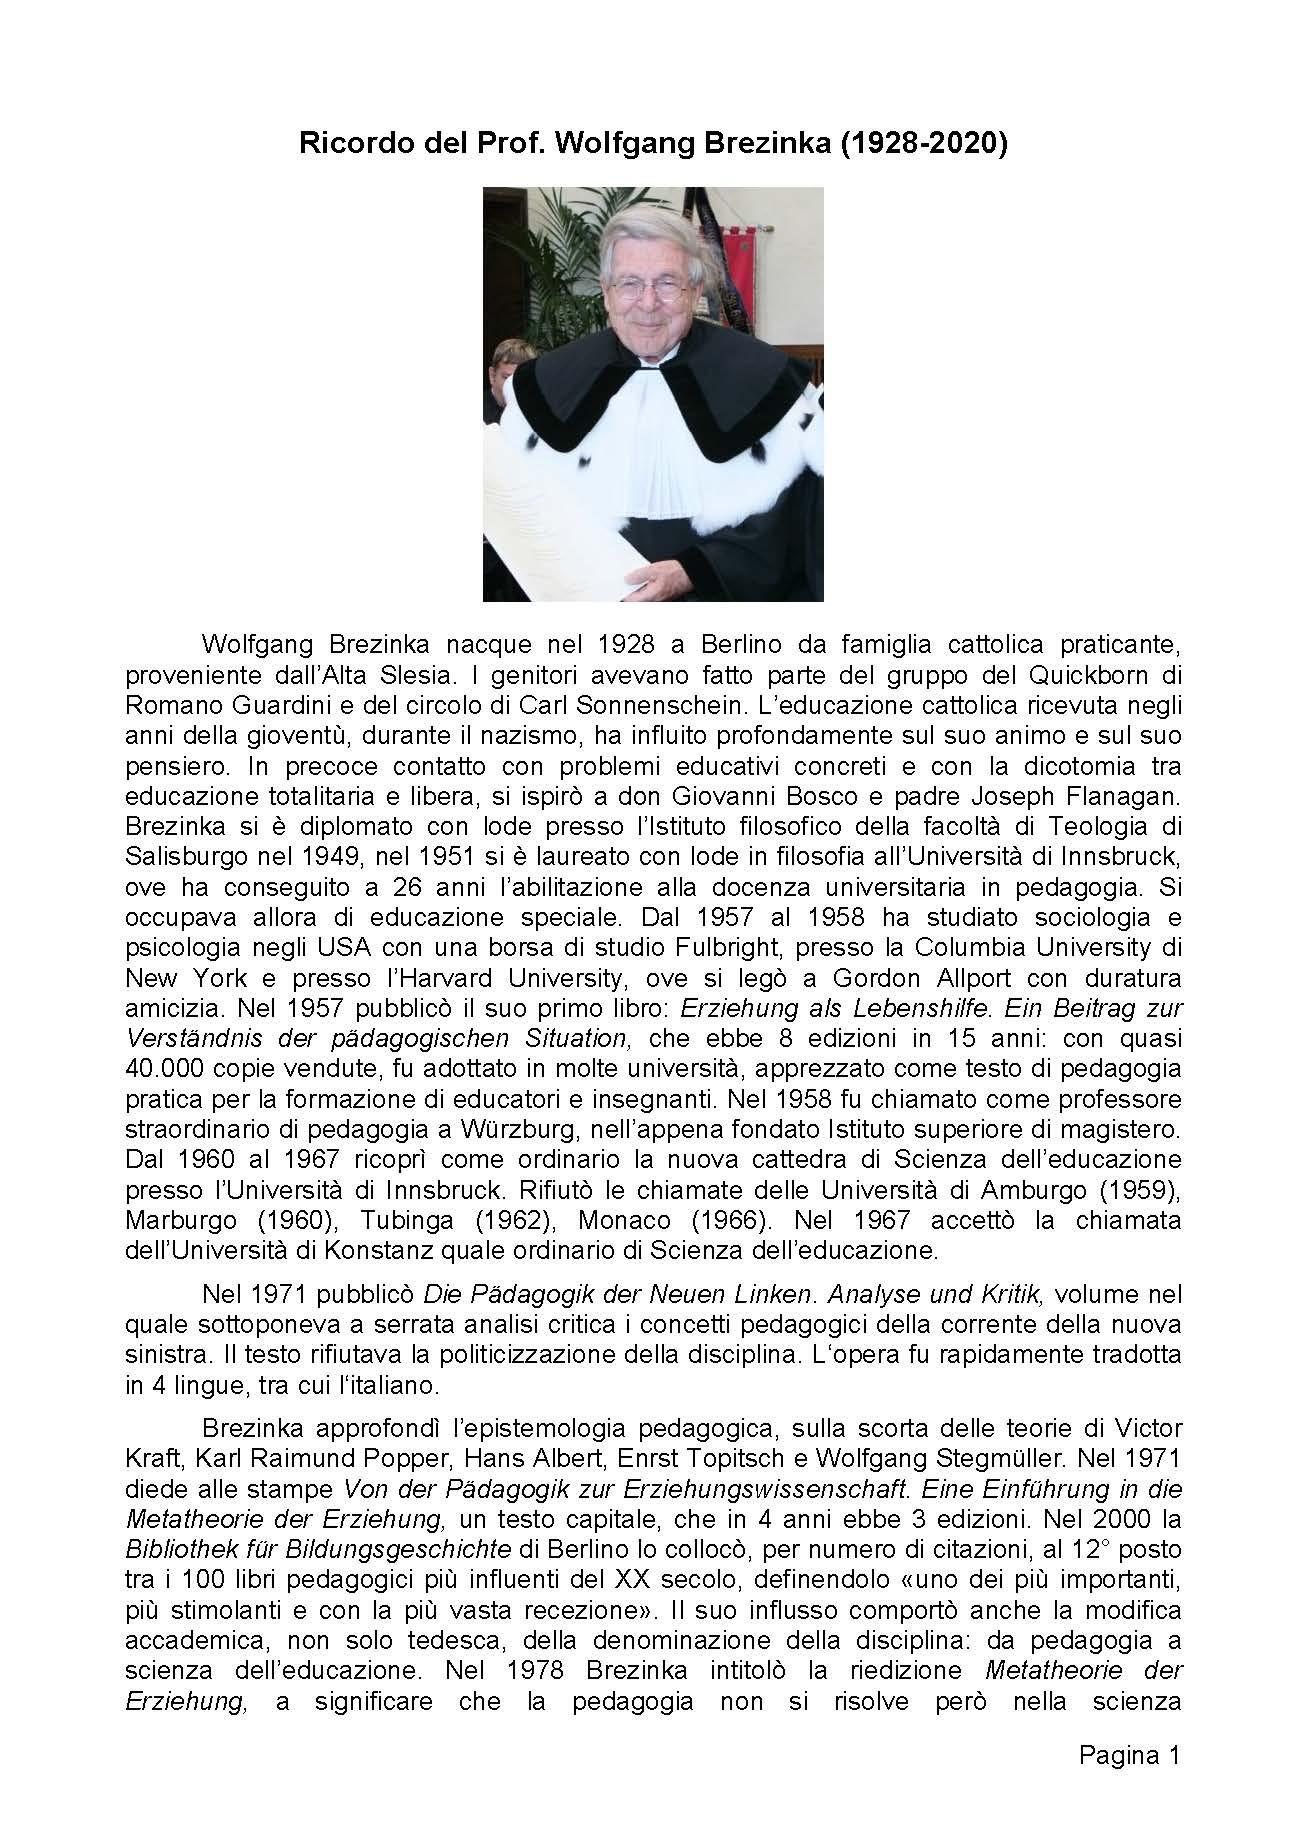 2019-02-04 – Scomparsa del prof. Wolfgang Brezinka